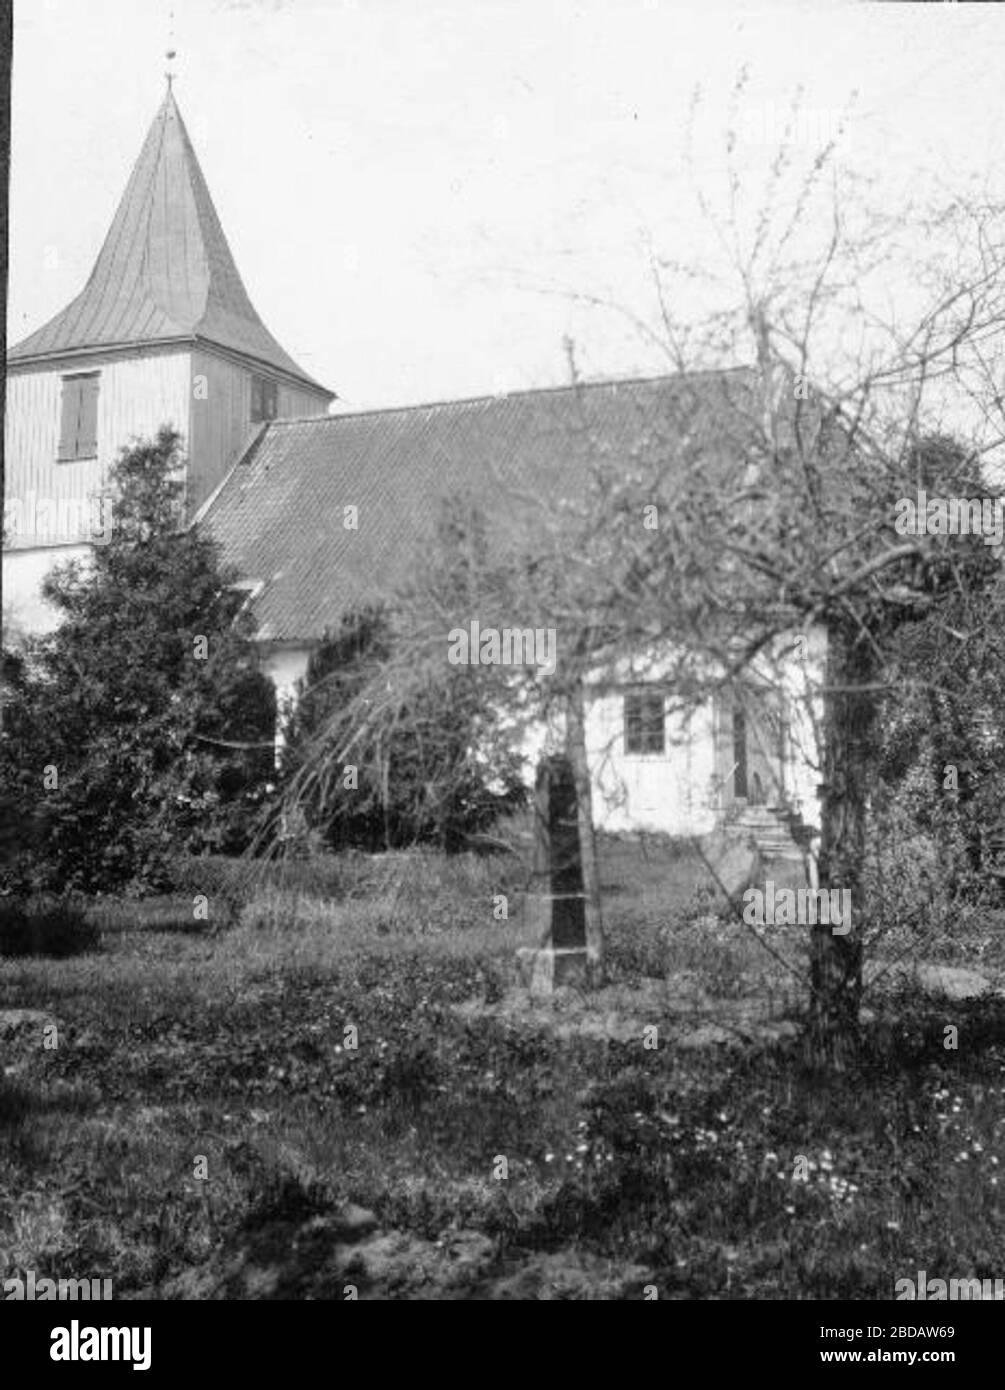 Ale-Skvde kyrka Lktarbarrir, med fyllning av mlningar p